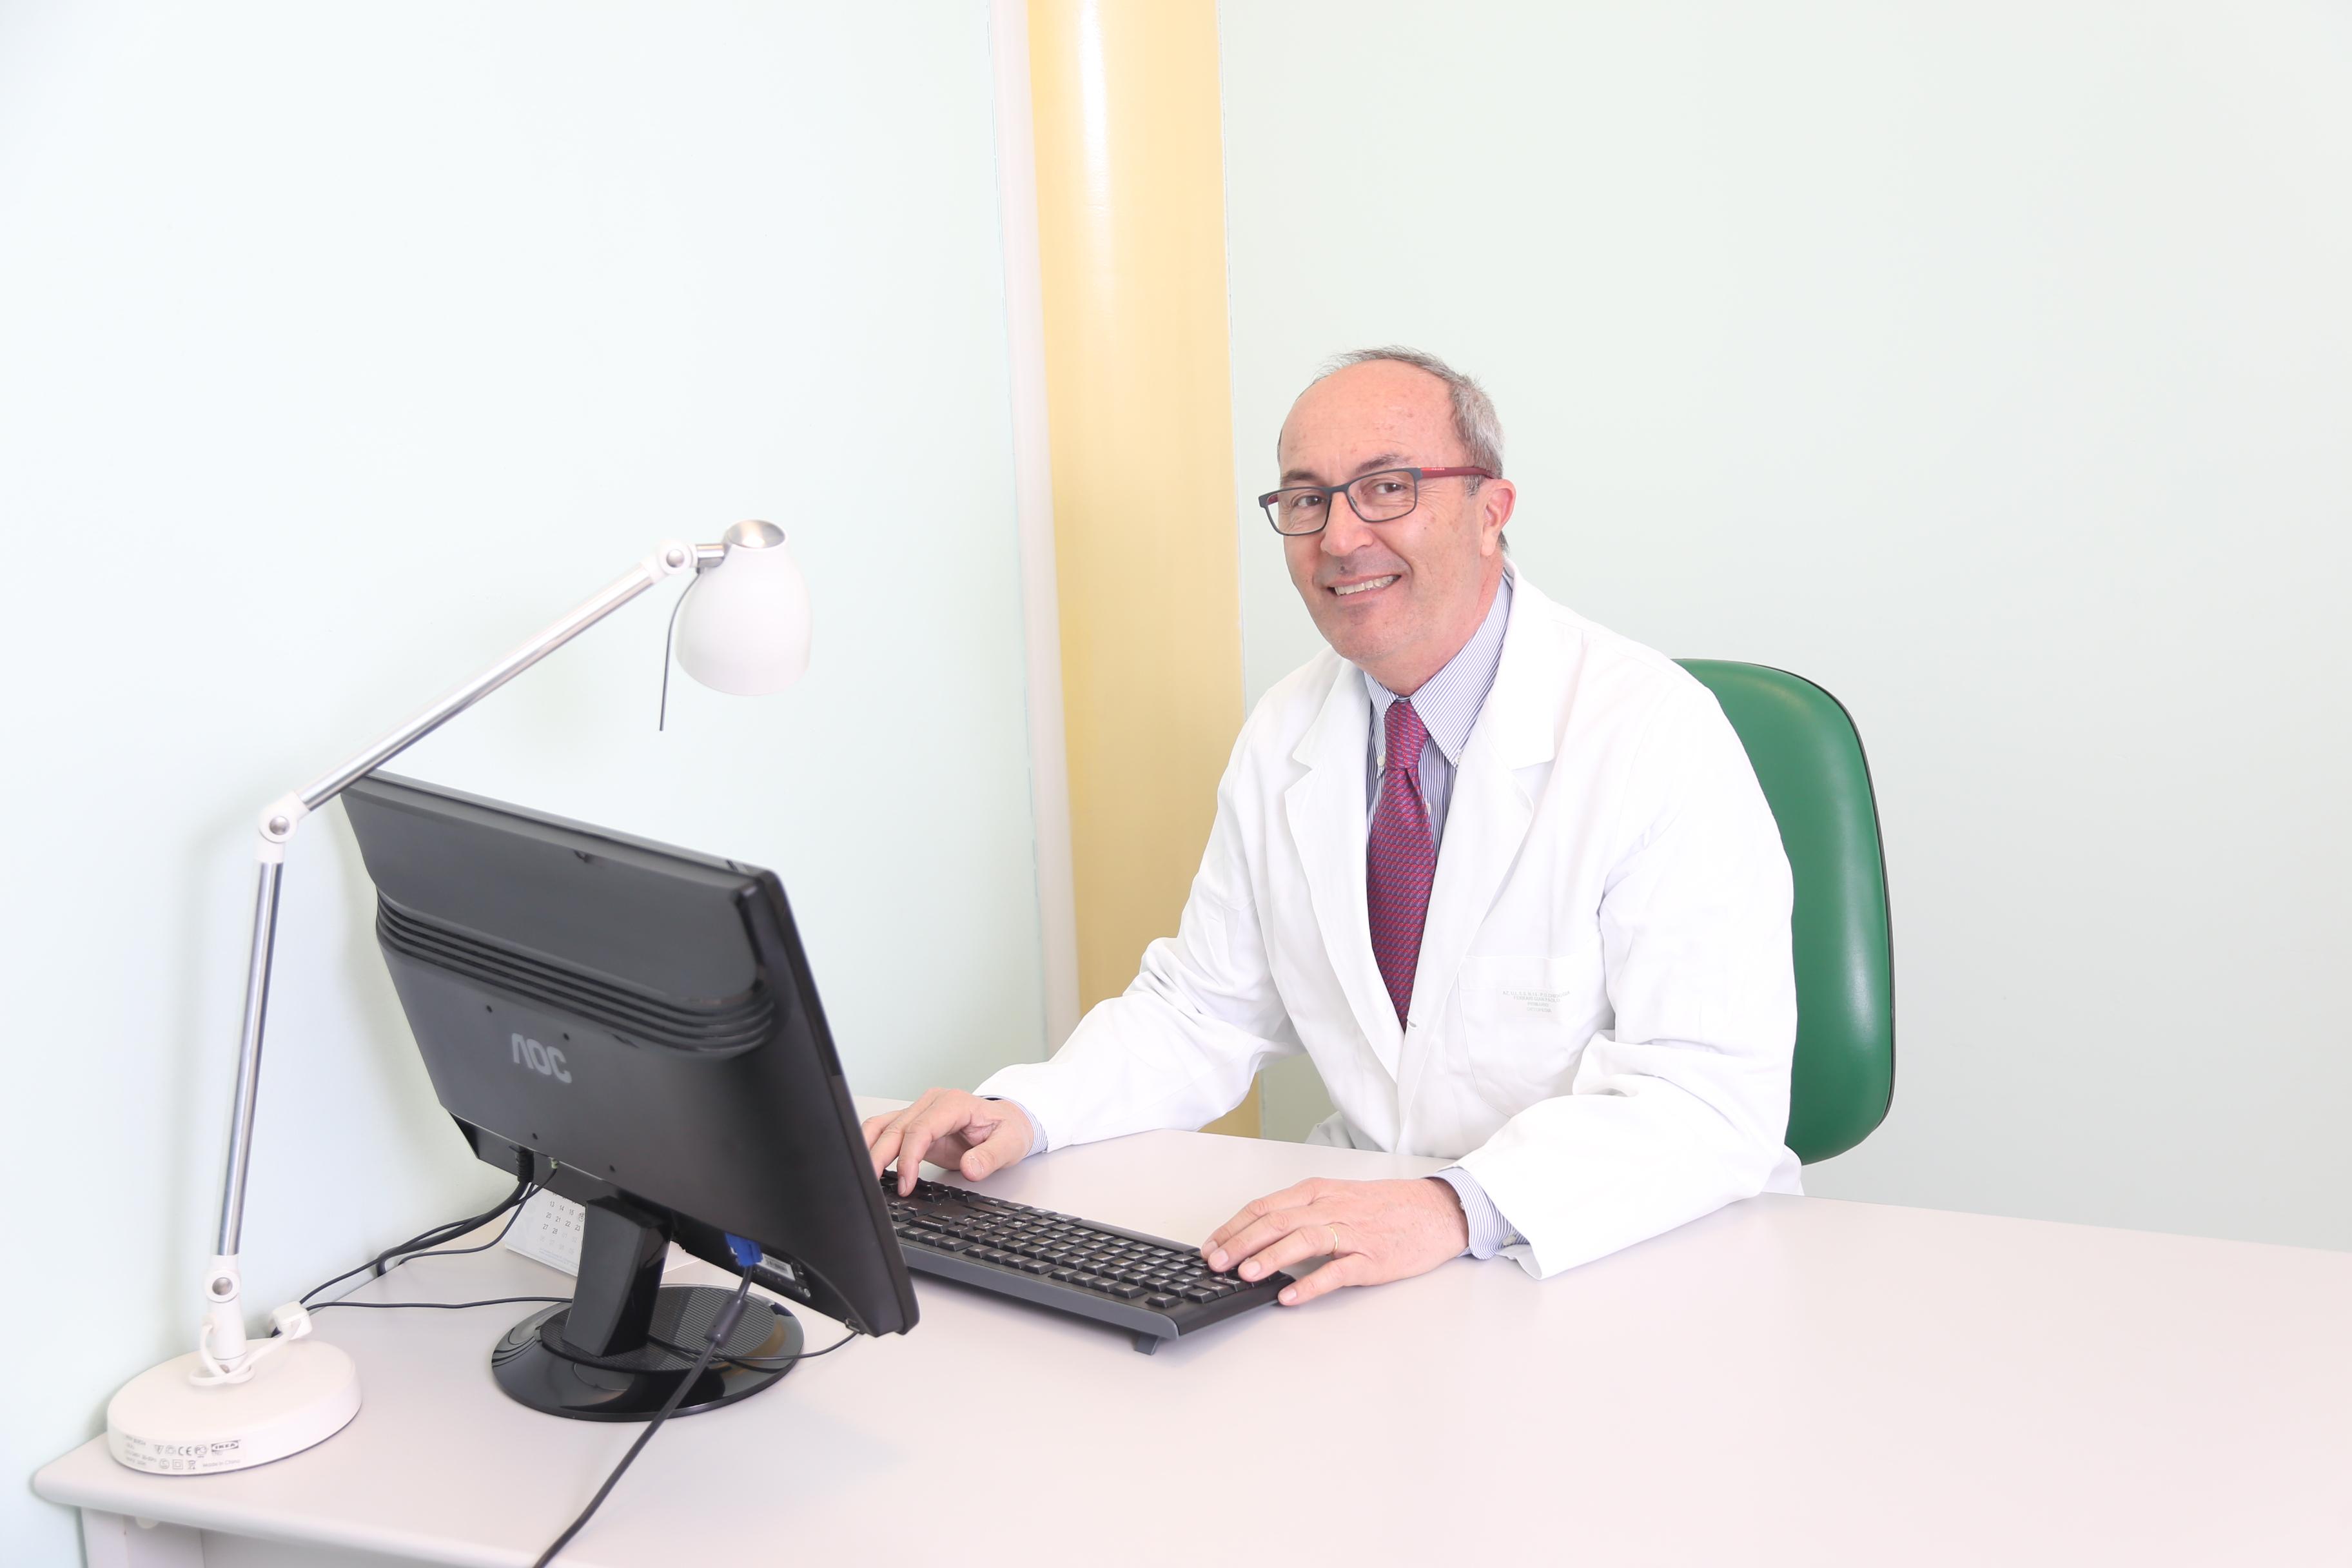 Il Primario di Ortopedia e Traumatologia visita presso Clodia Medica